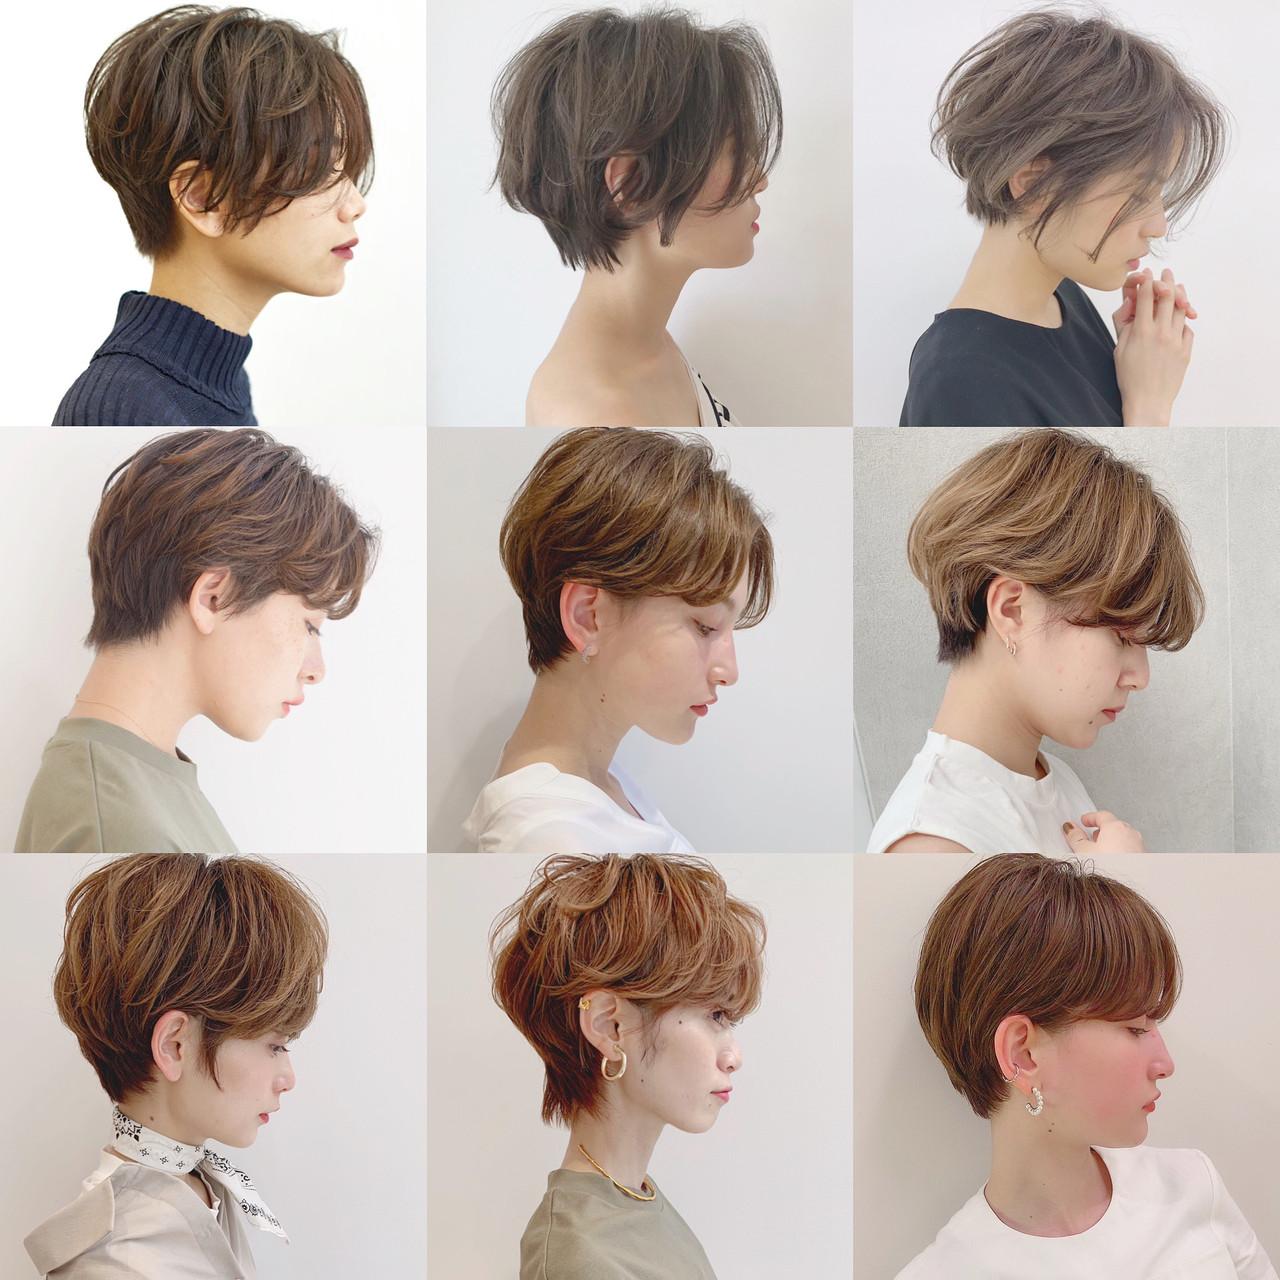 パーマ アウトドア オフィス デート ヘアスタイルや髪型の写真・画像   ショートヘア美容師 #ナカイヒロキ / 『send by HAIR』